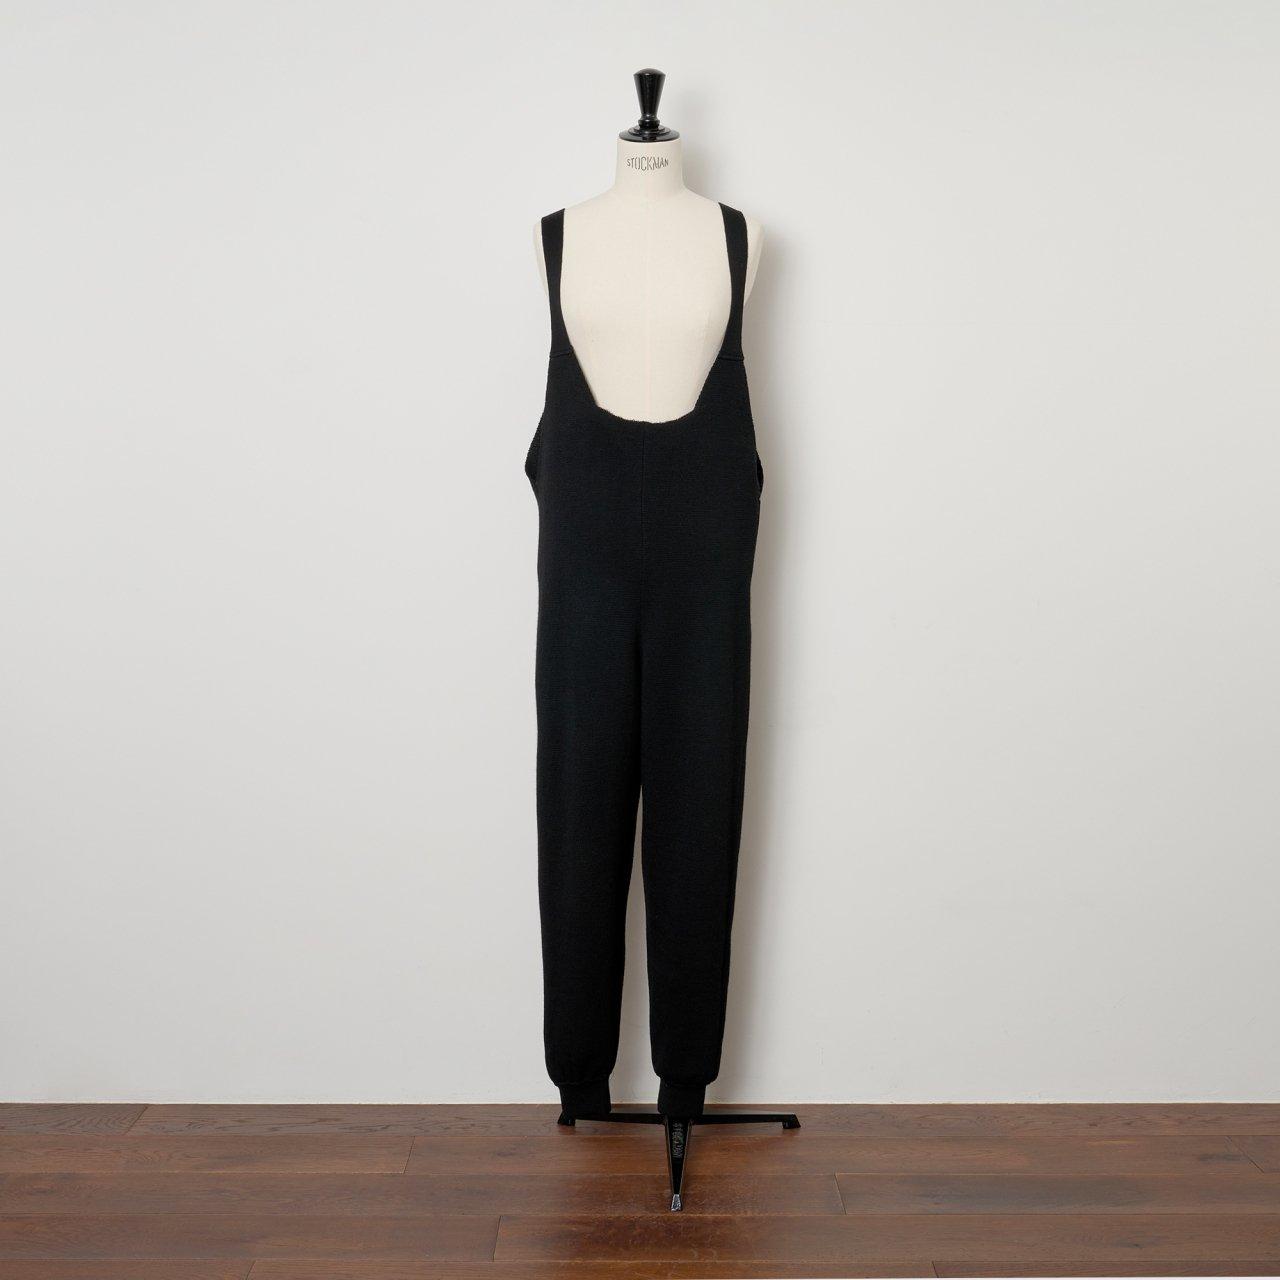 pelleq<BR>Knitted salopette<BR>black